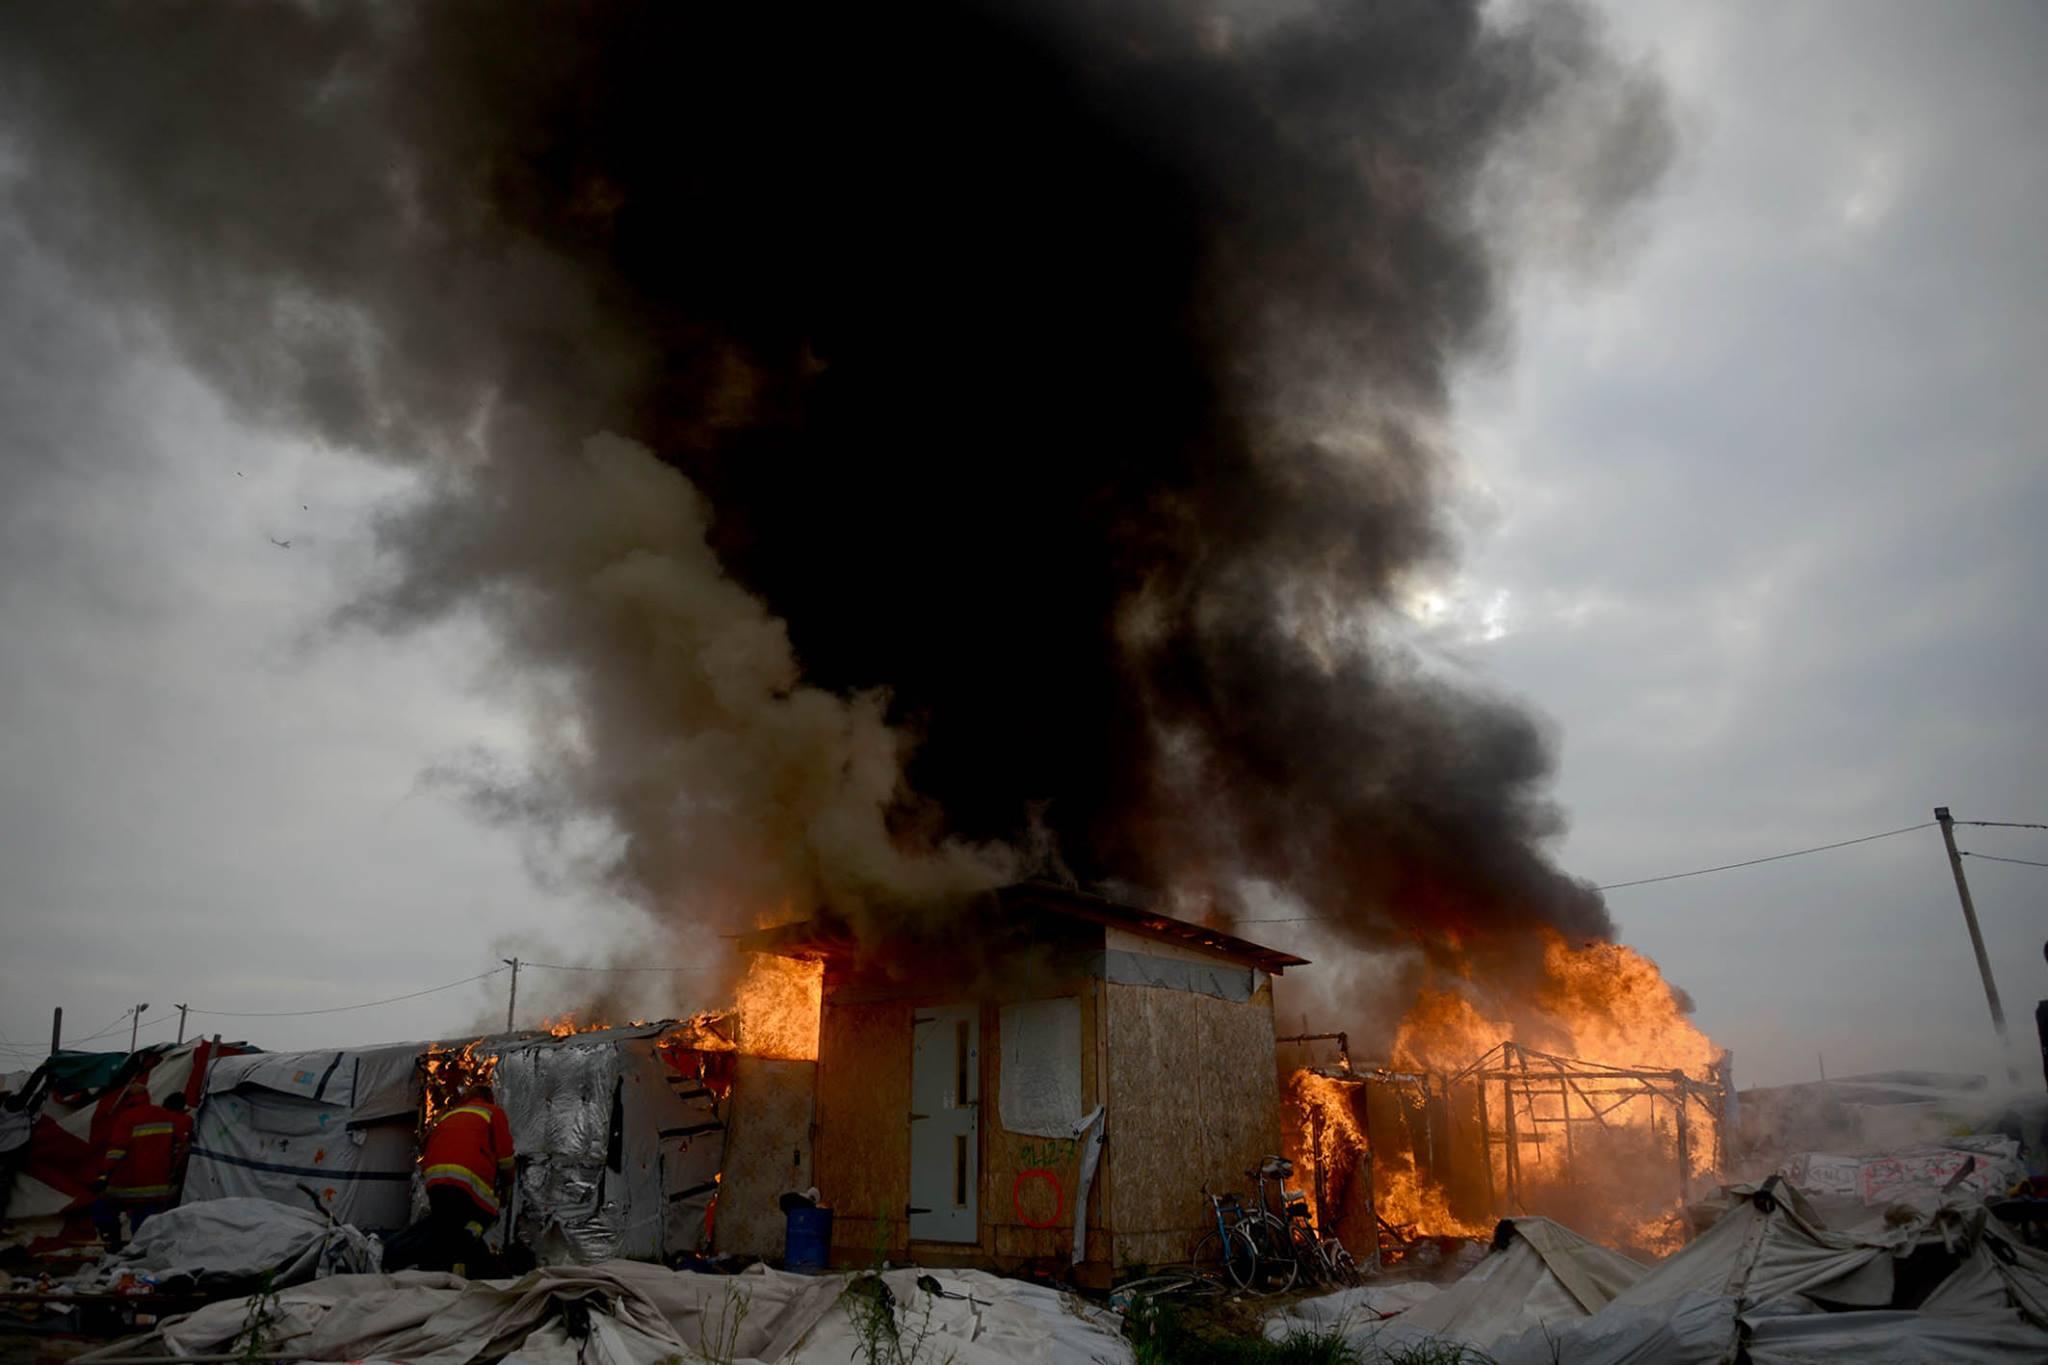 fuego en calais refugiados gabriel tizon